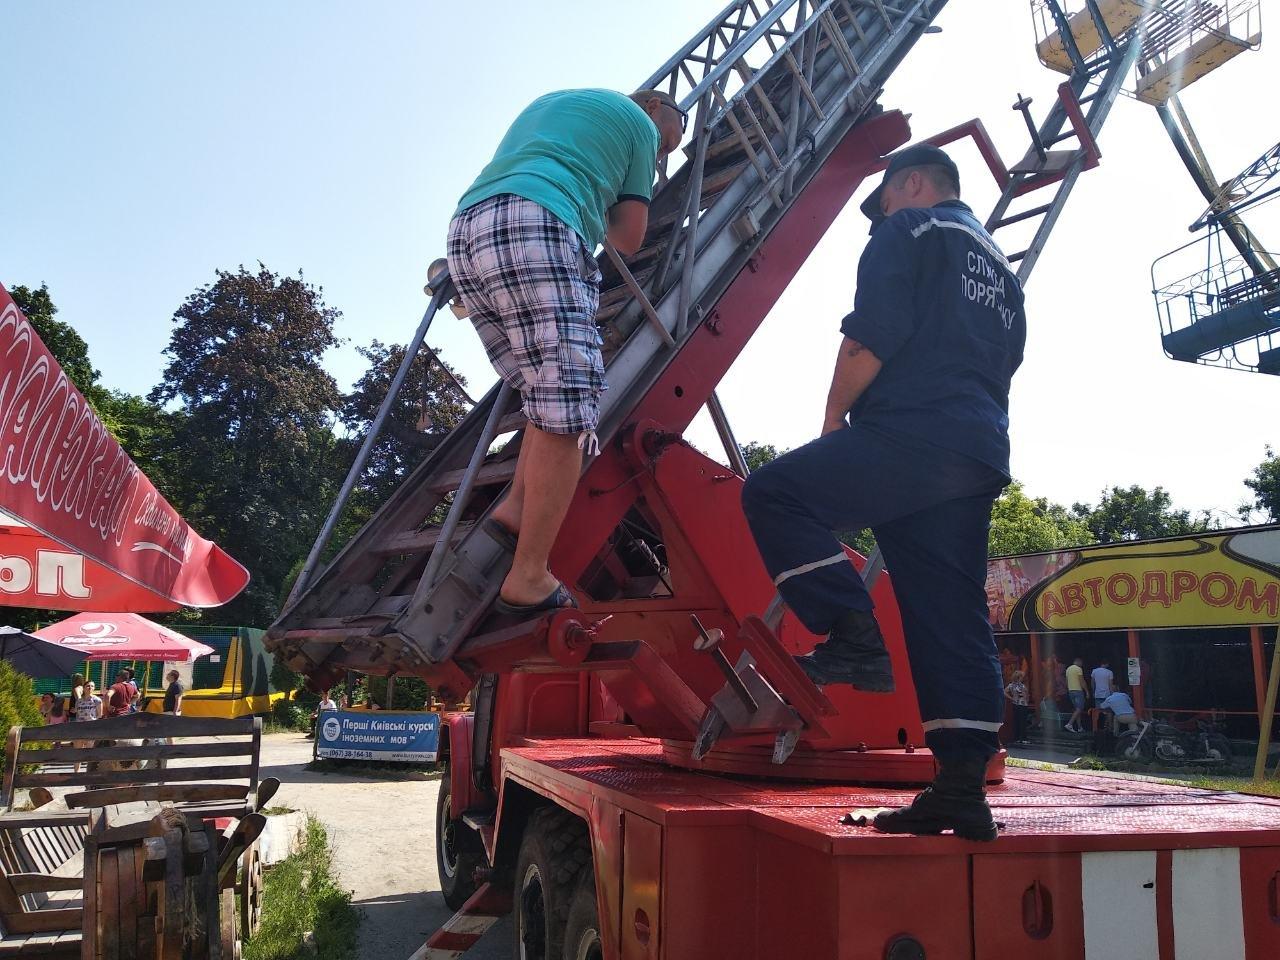 У Кам'янці-Подільському рятувальники евакуювали людей із оглядового колеса, фото-4, Фото: ГУ ДСНС України у Хмельницькій області